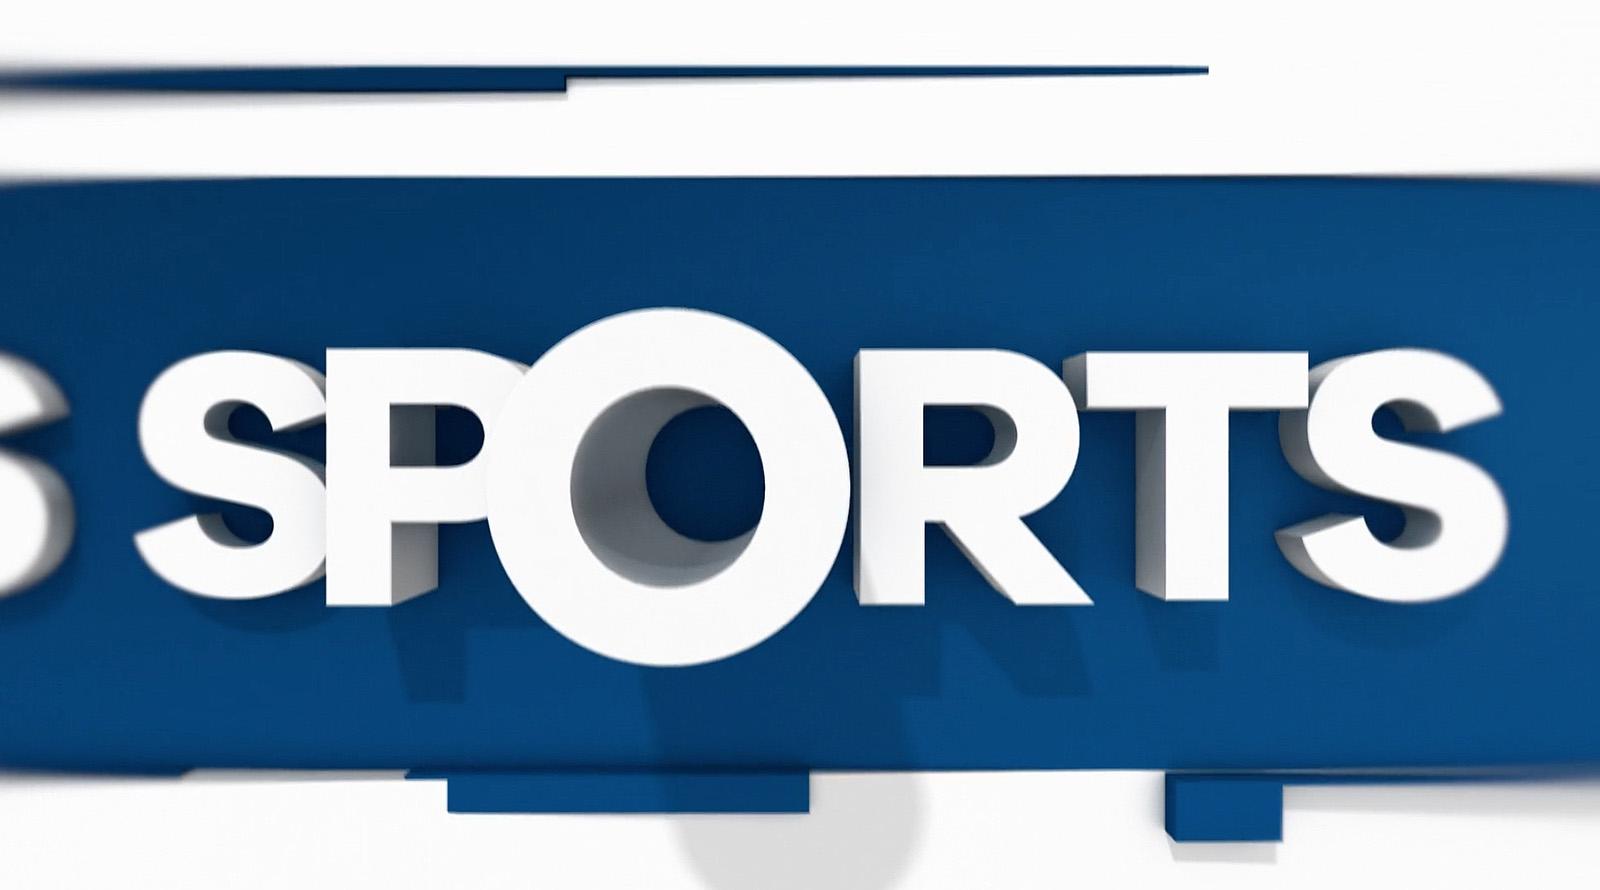 ncs_CBS-Sports-HQ_0004